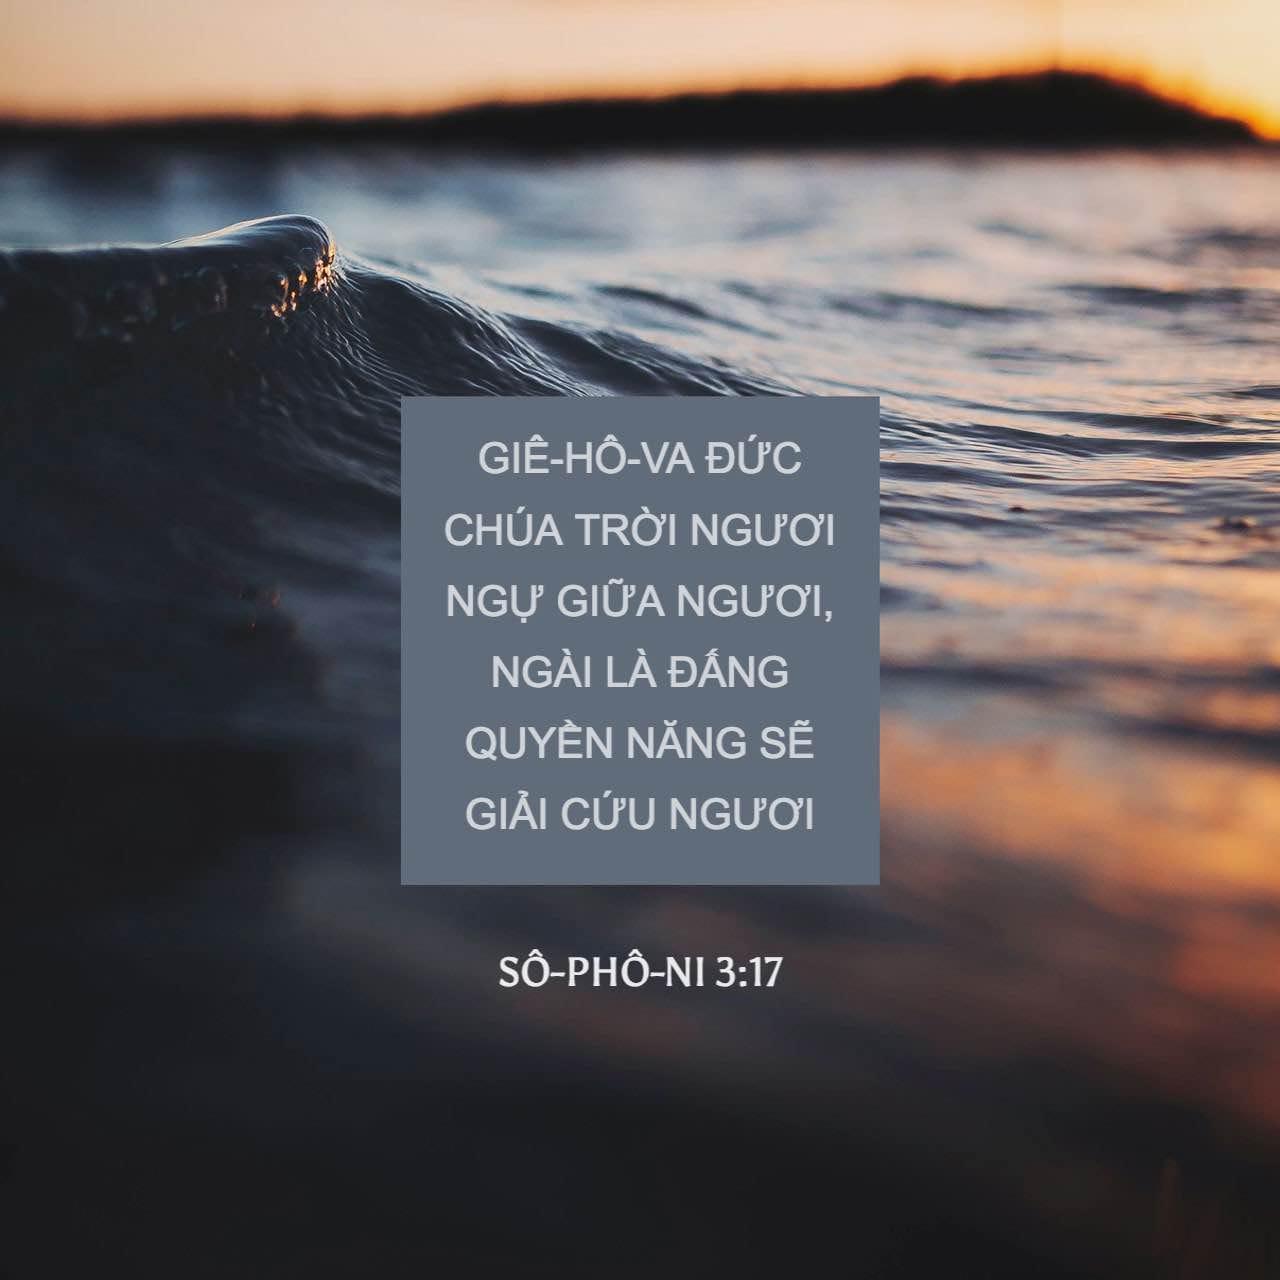 Sô-phô-ni 3:17 Giê-hô-va Đức Chúa Trời ngươi ở giữa ngươi; Ngài là Đấng  quyền năng sẽ giải-cứu ngươi: Ngài sẽ vui-mừng cả-thể vì cớ ngươi; ...